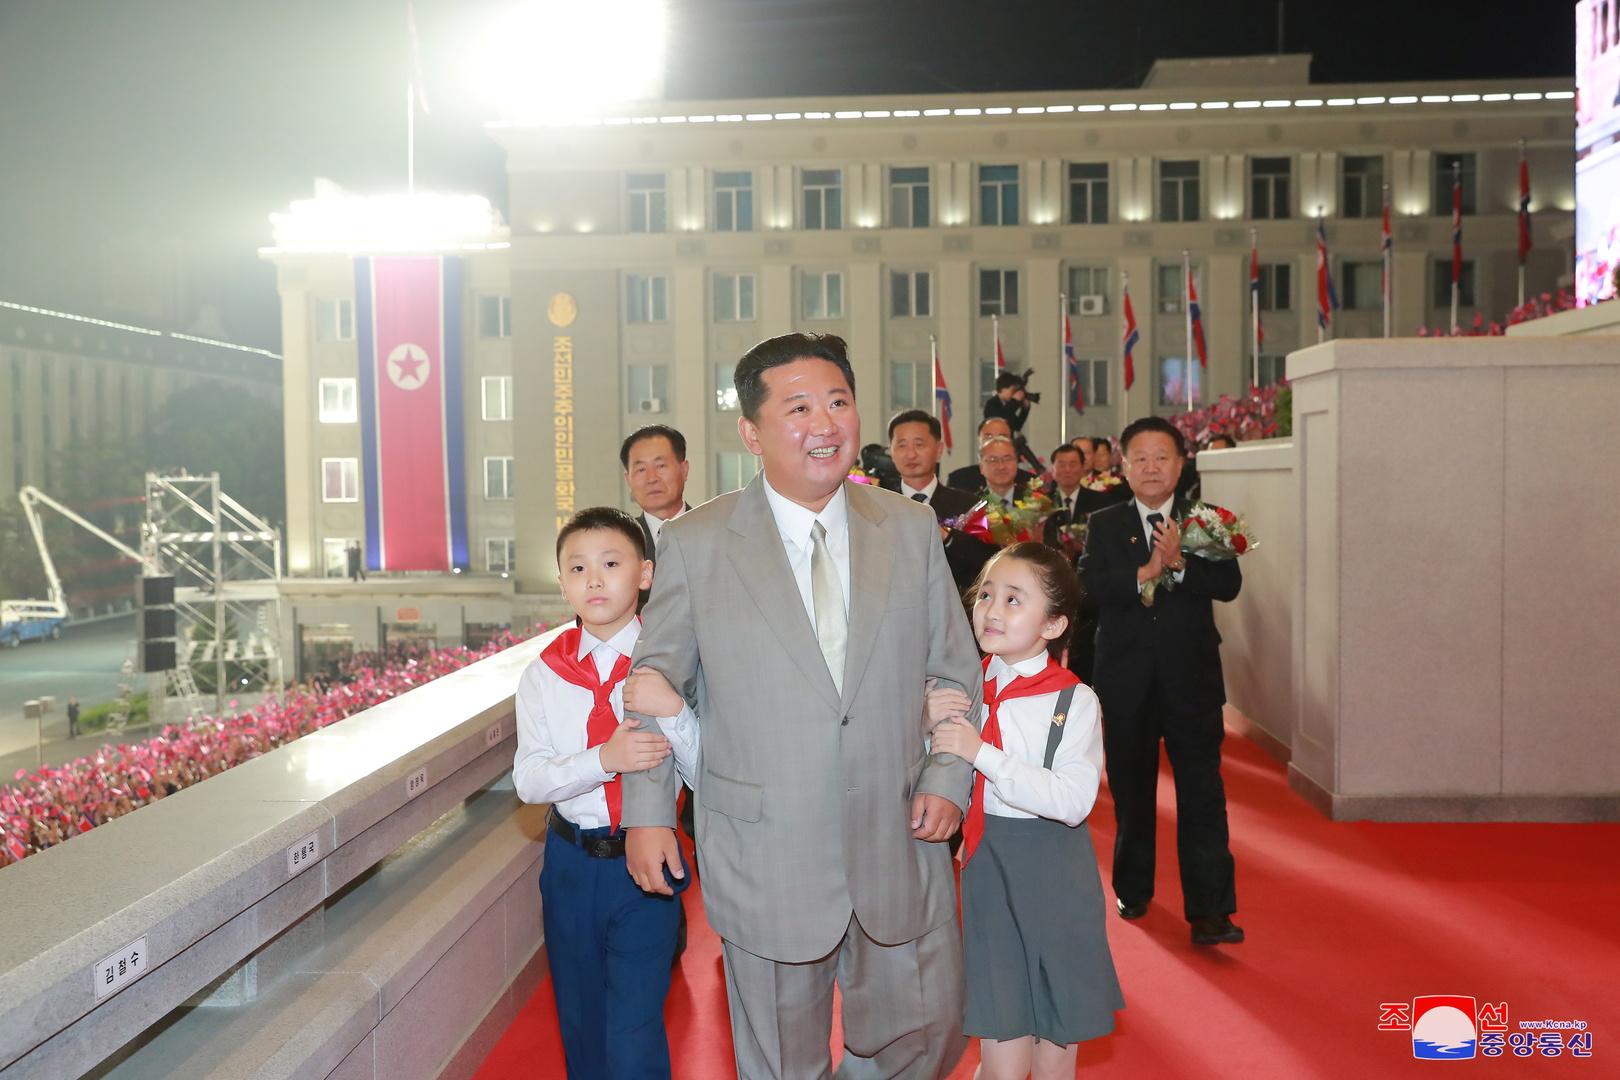 كوريا الشمالية.. لقطات جديدة تؤكد استمرار كيم في فقدان الوزن